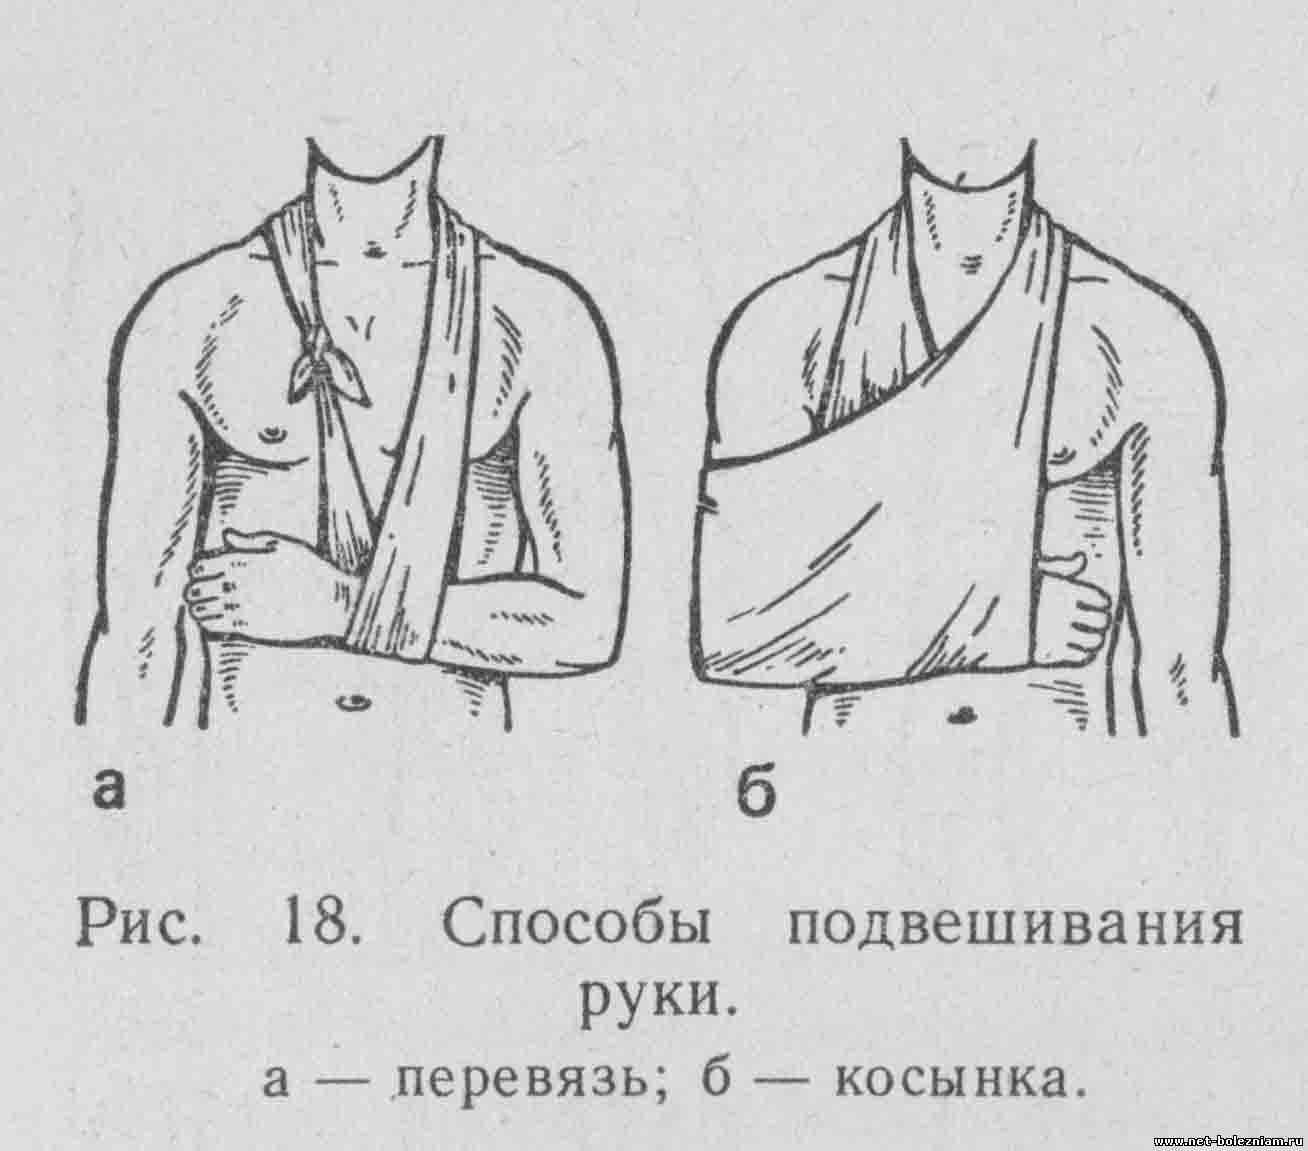 Способы подвешивания руки